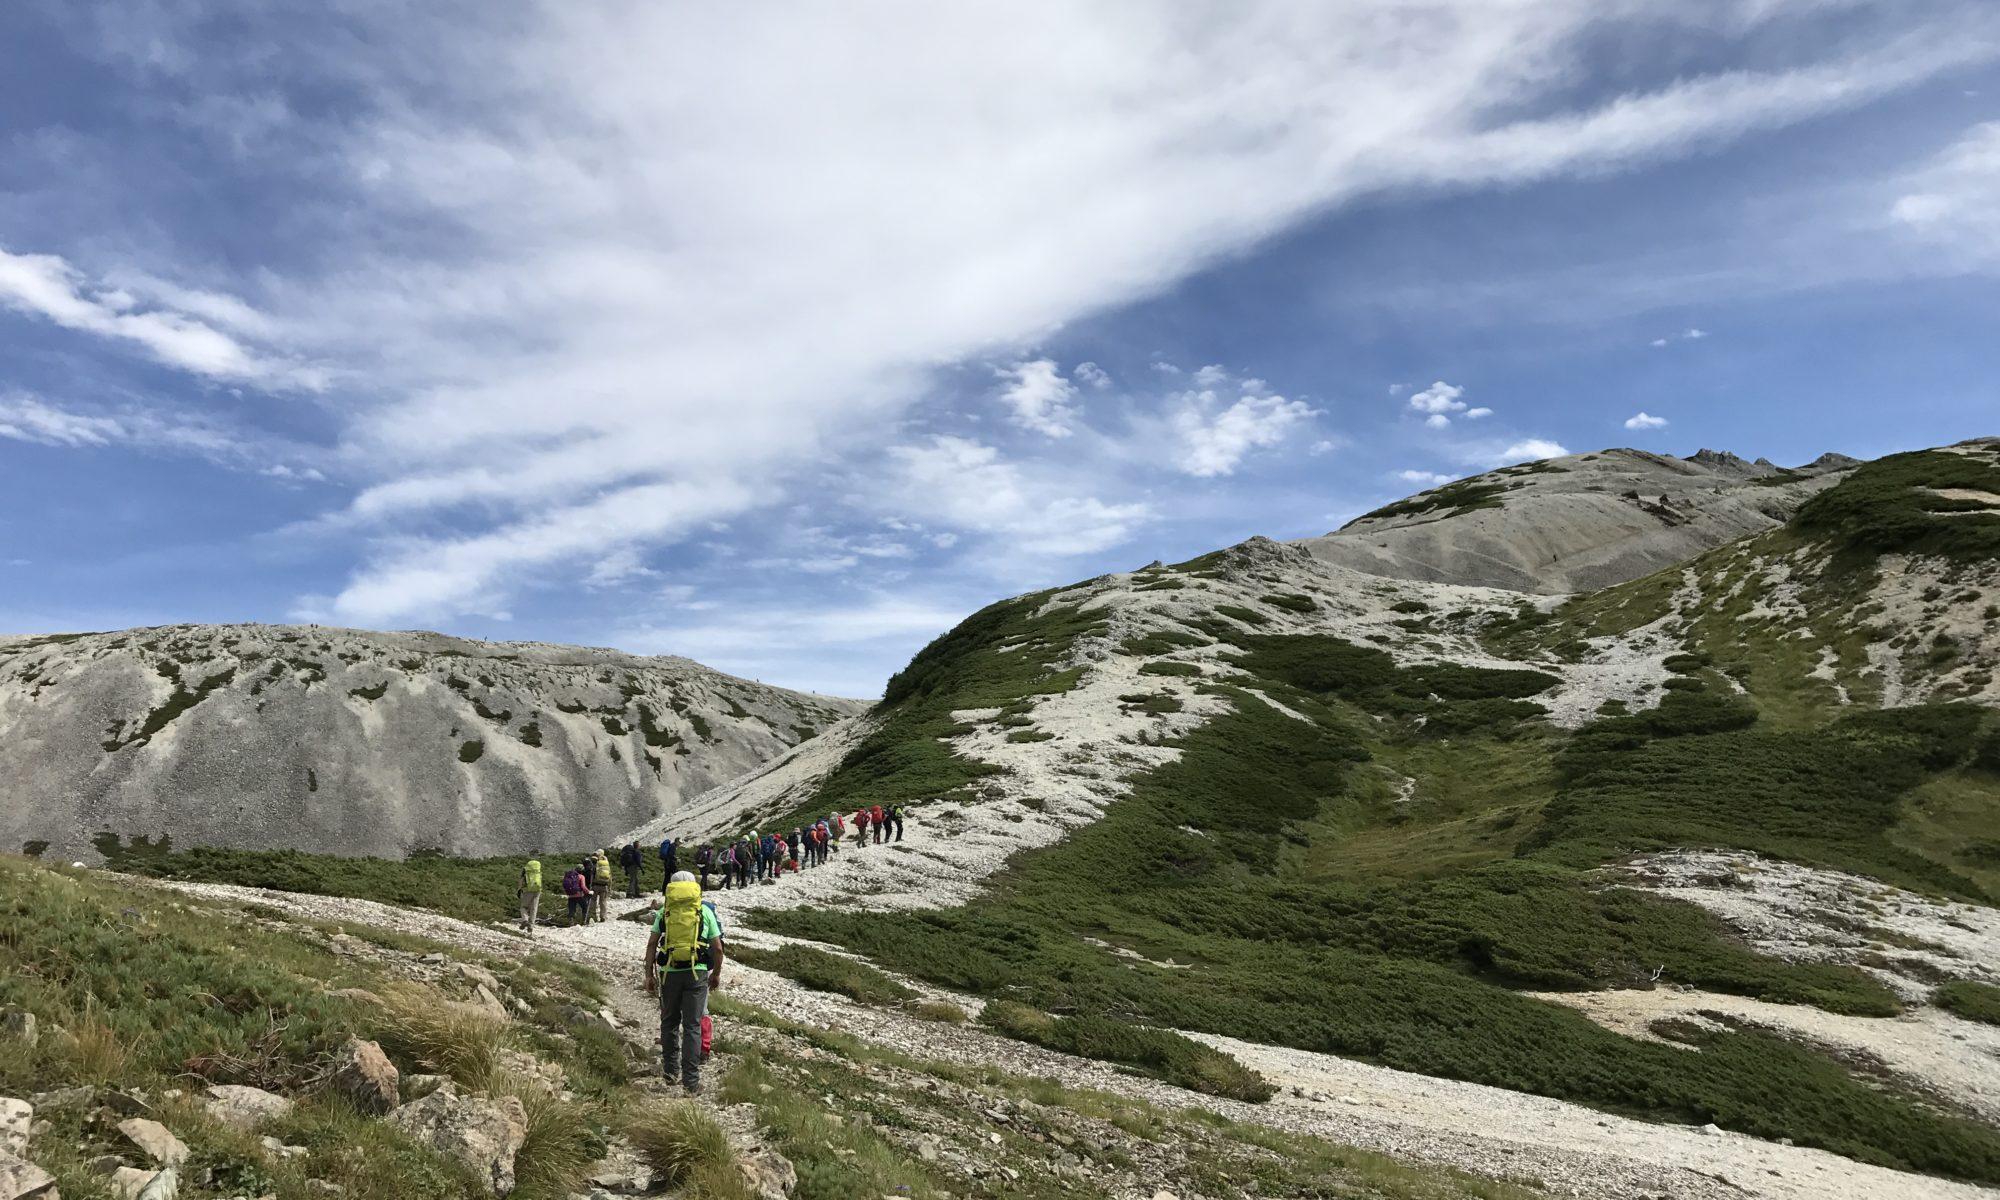 山岳ココロの救助隊